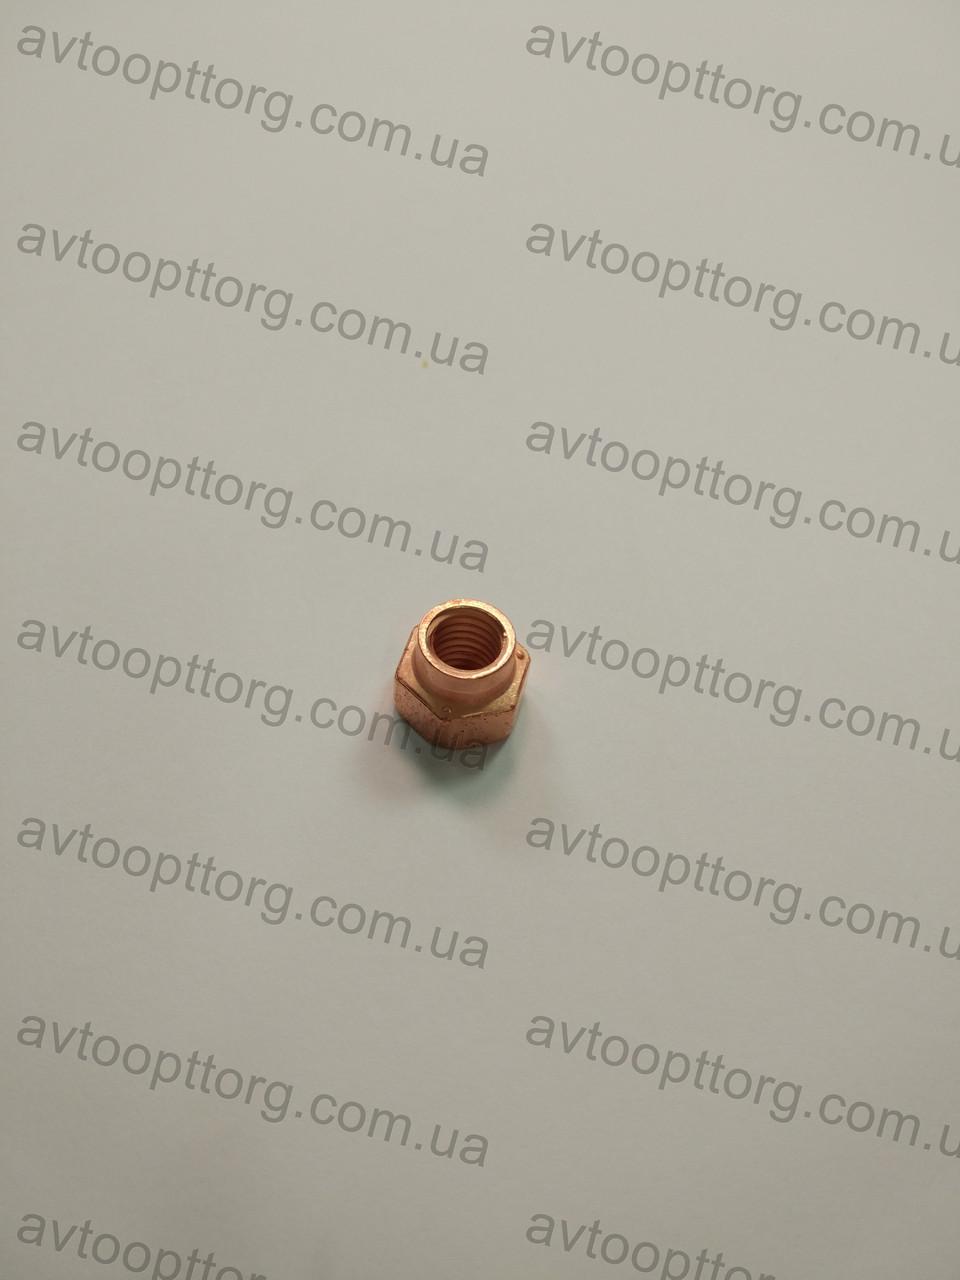 Гайка прийомной трубы ВАЗ 2108-2115 омедненная М8